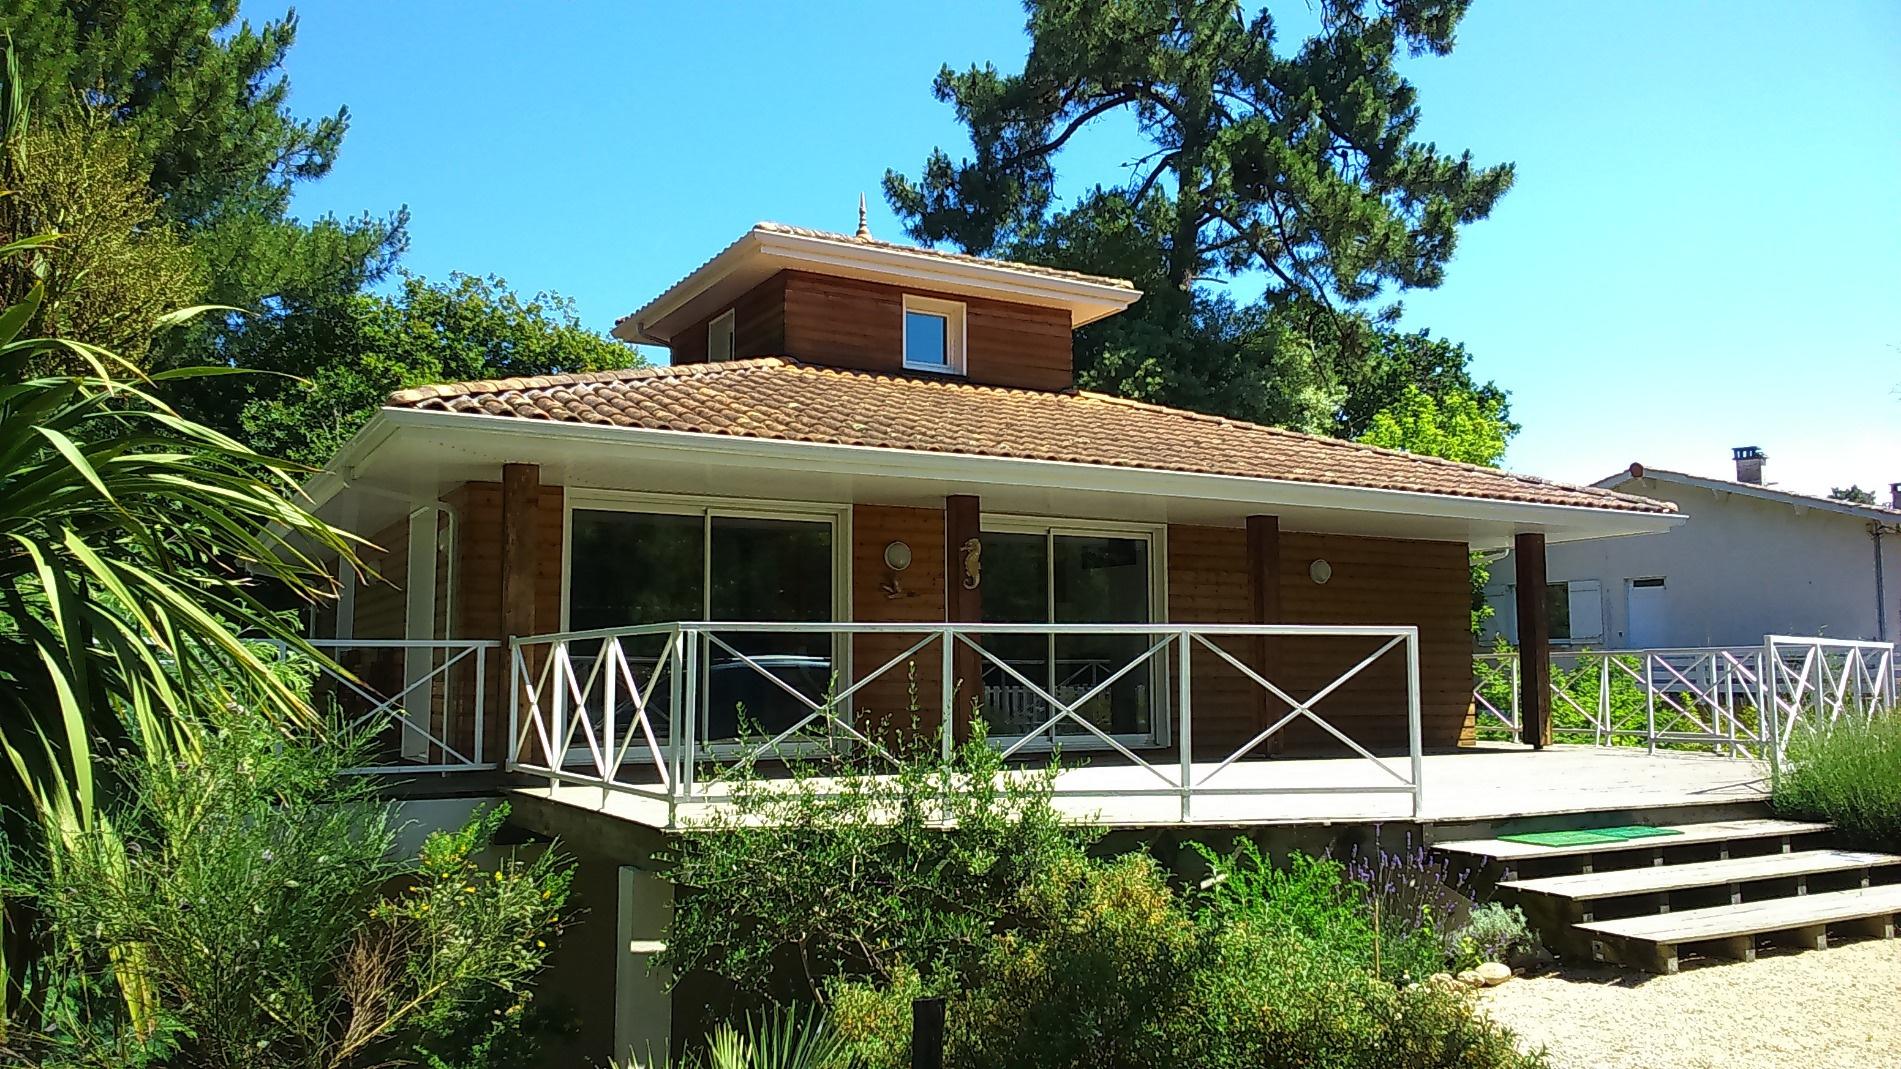 Location de vacances Villa  ()